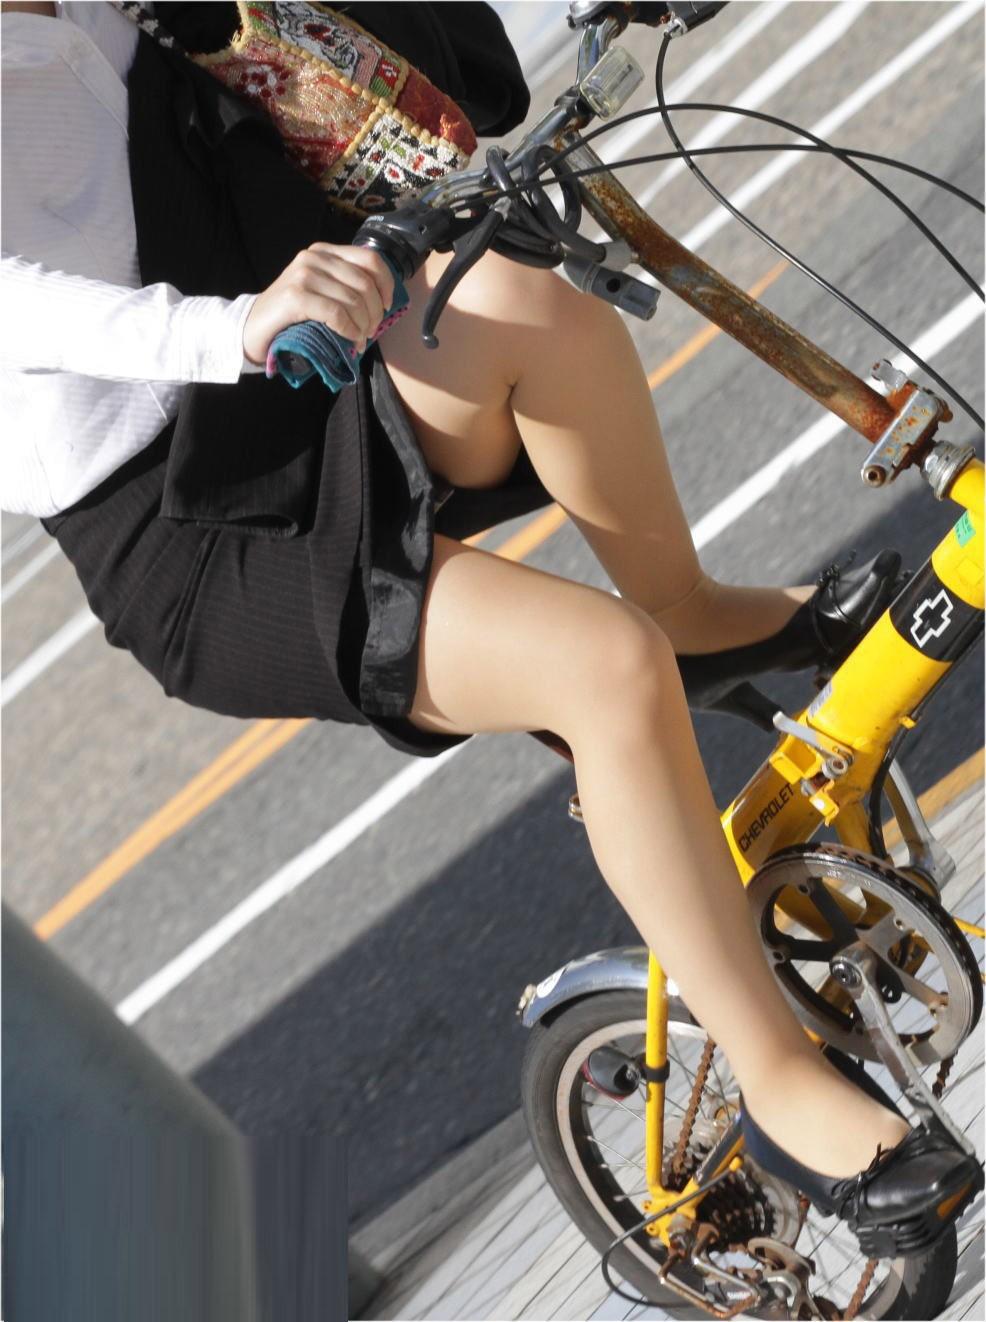 タイトスカートの自転車OLのスリット盗撮エロ画像5枚目